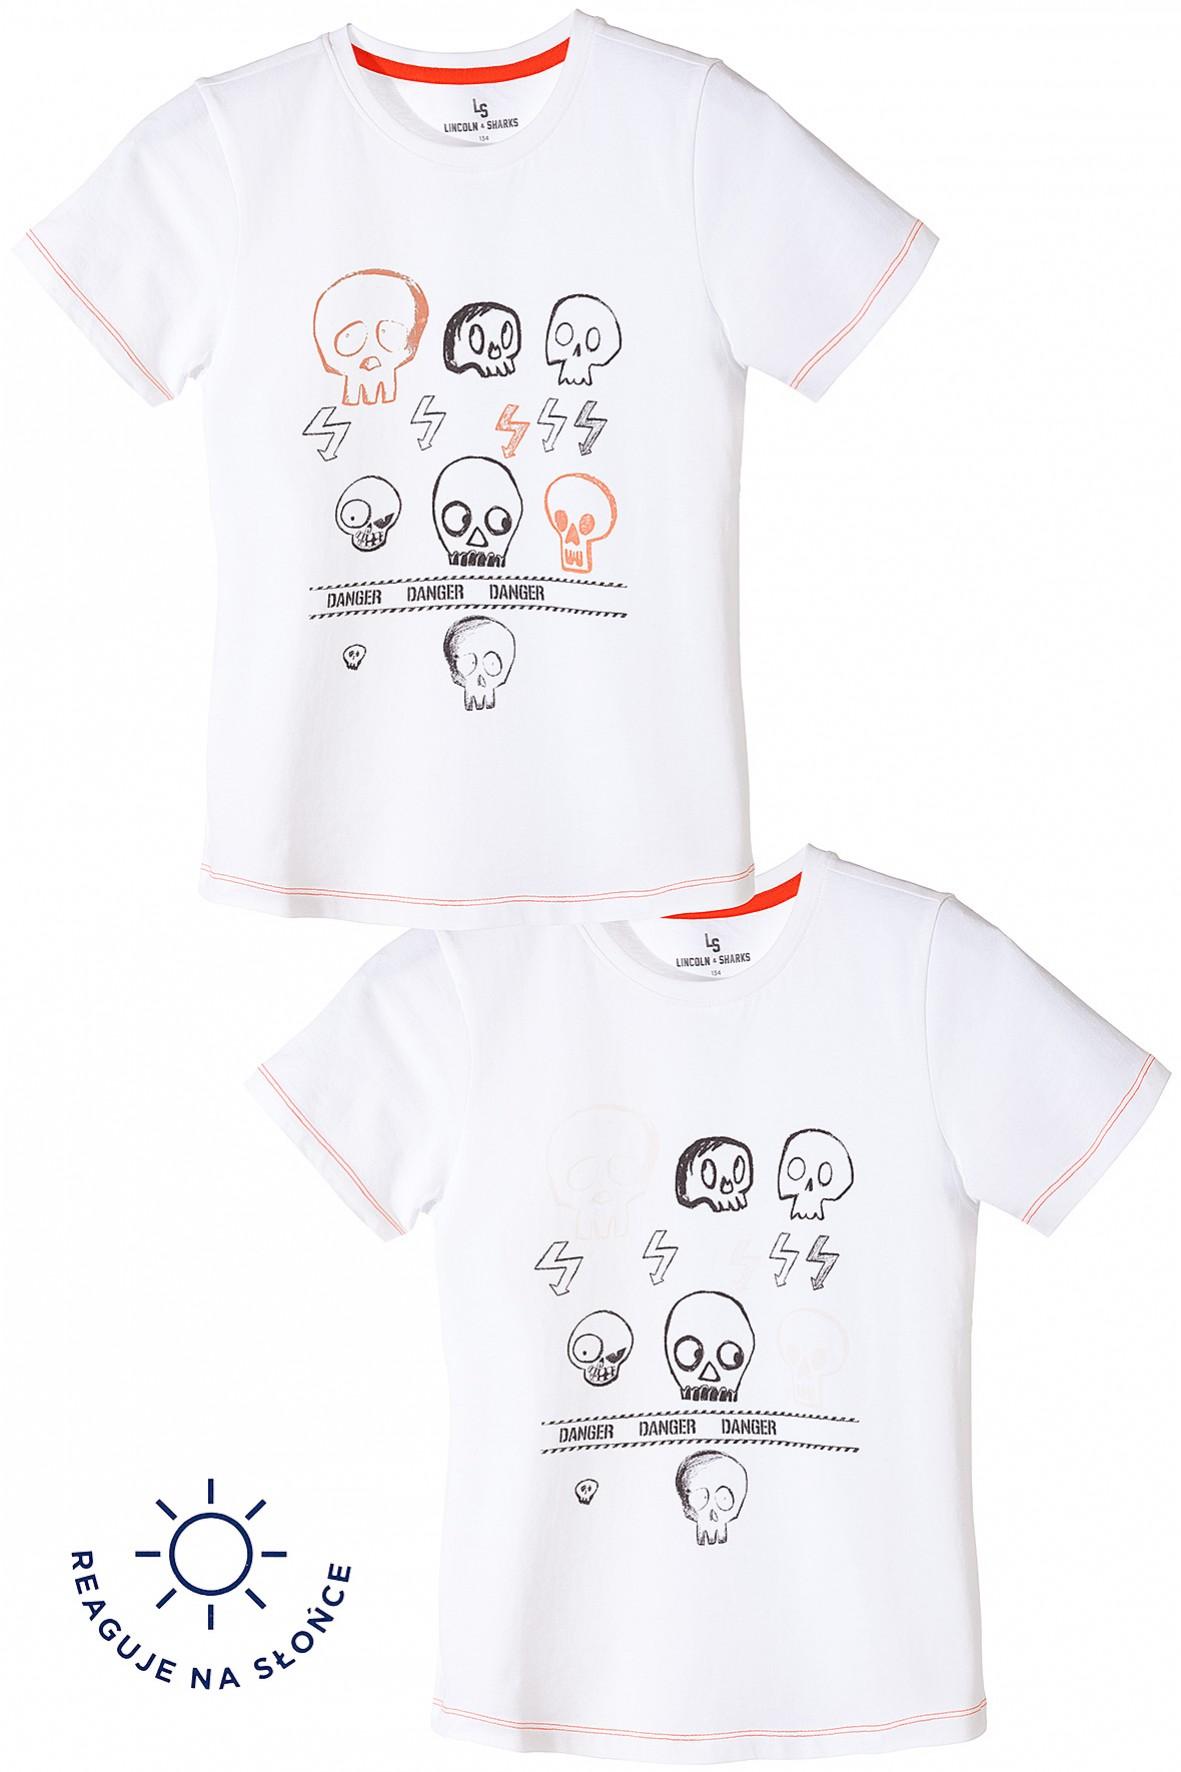 T-shirt dla chłopca-zmienia nadruk pod wpływem promieni słonecznych